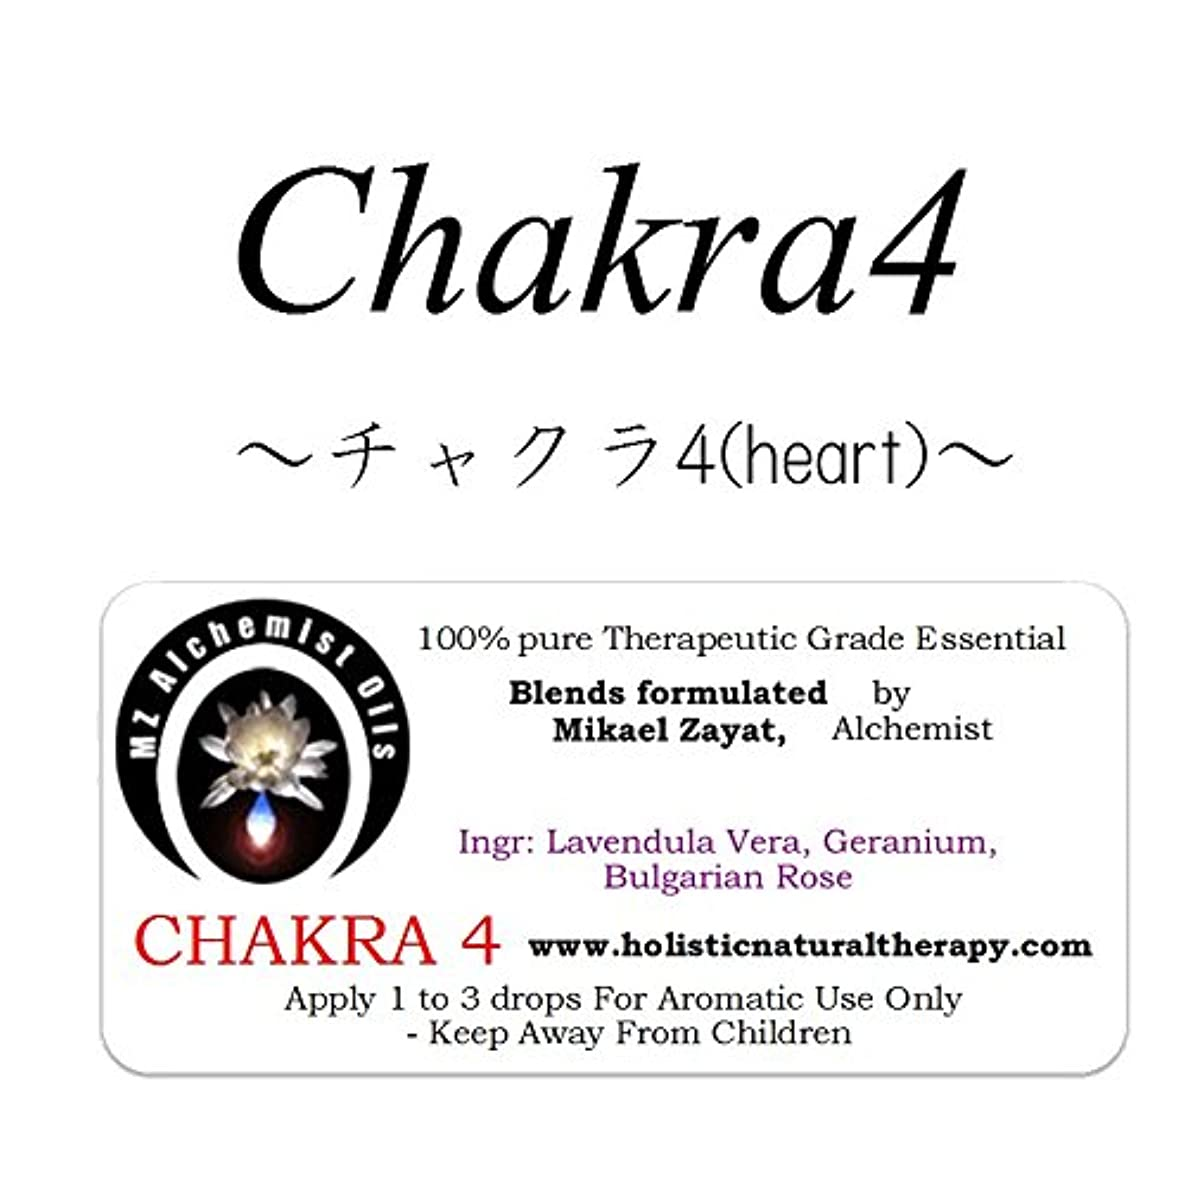 広々レタス休戦ミカエル?ザヤットアルケミストオイル セラピストグレードアロマオイル Chakra 4(heart)-チャクラ4 - 4ml